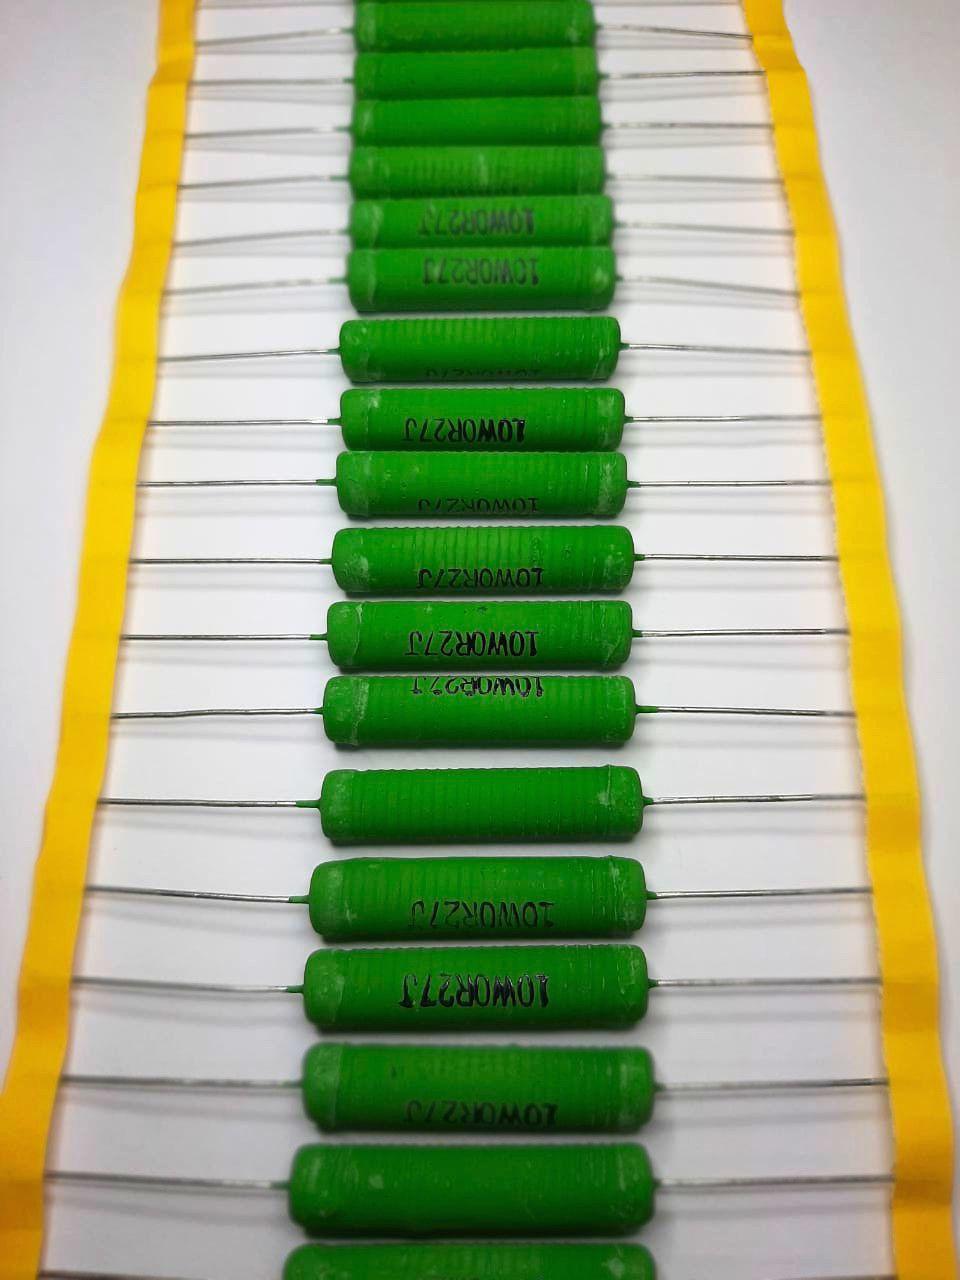 Resistores de Fio 10WS 5% Valores 0R10 Até 0R82 Caixa com 300 Peças